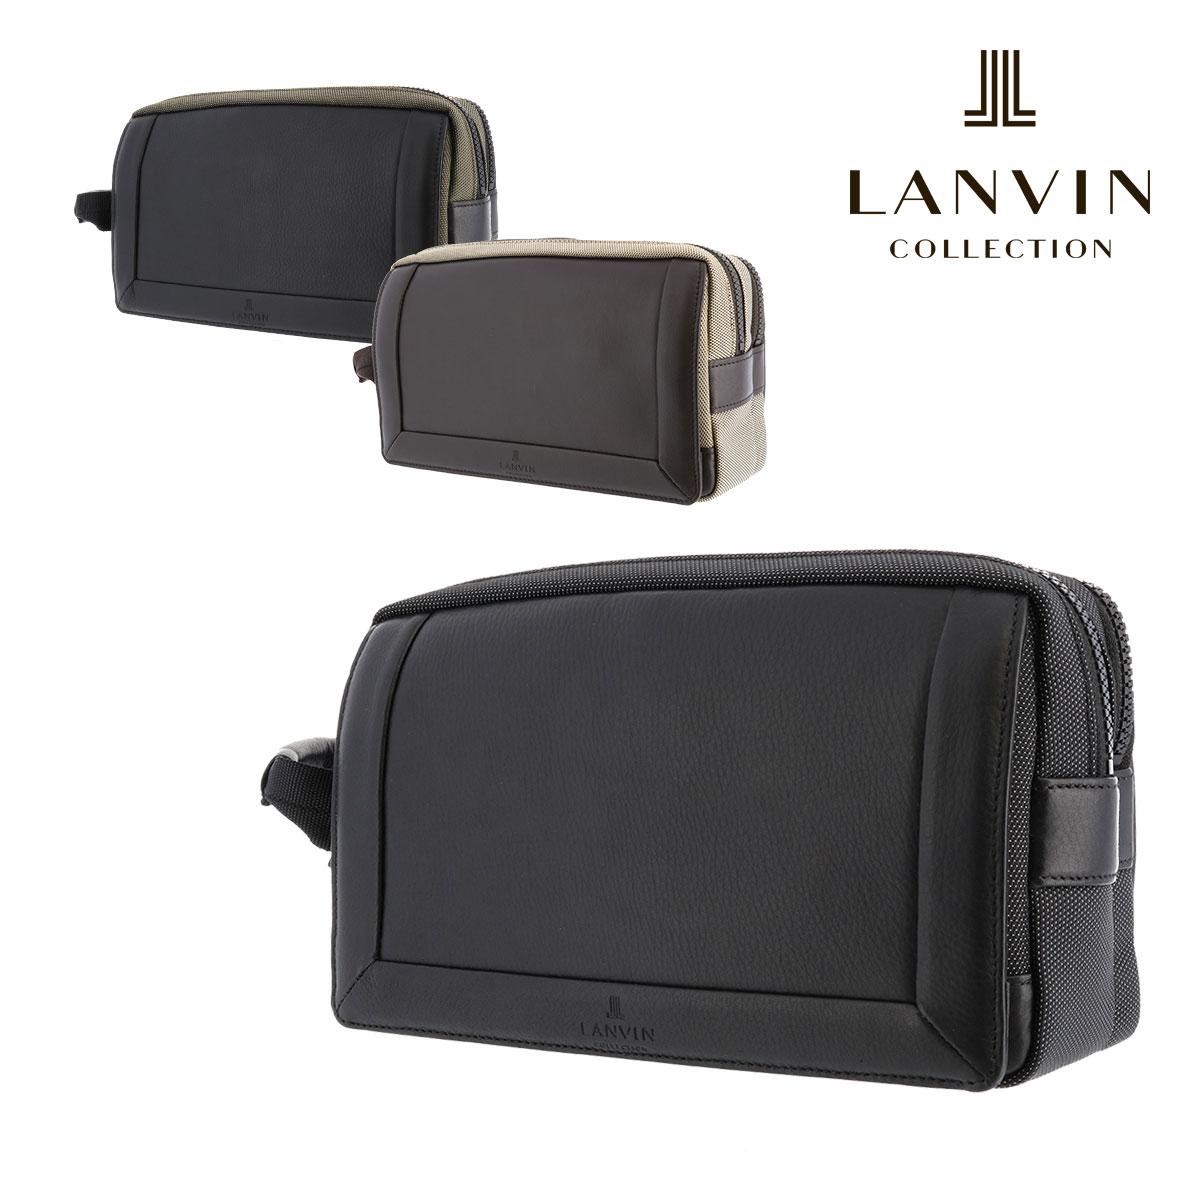 ランバンコレクション セカンドバッグ アクタス メンズ | 289202 日本製 LANVIN COLLECTION | ナイロン 本革 レザー【PO5】